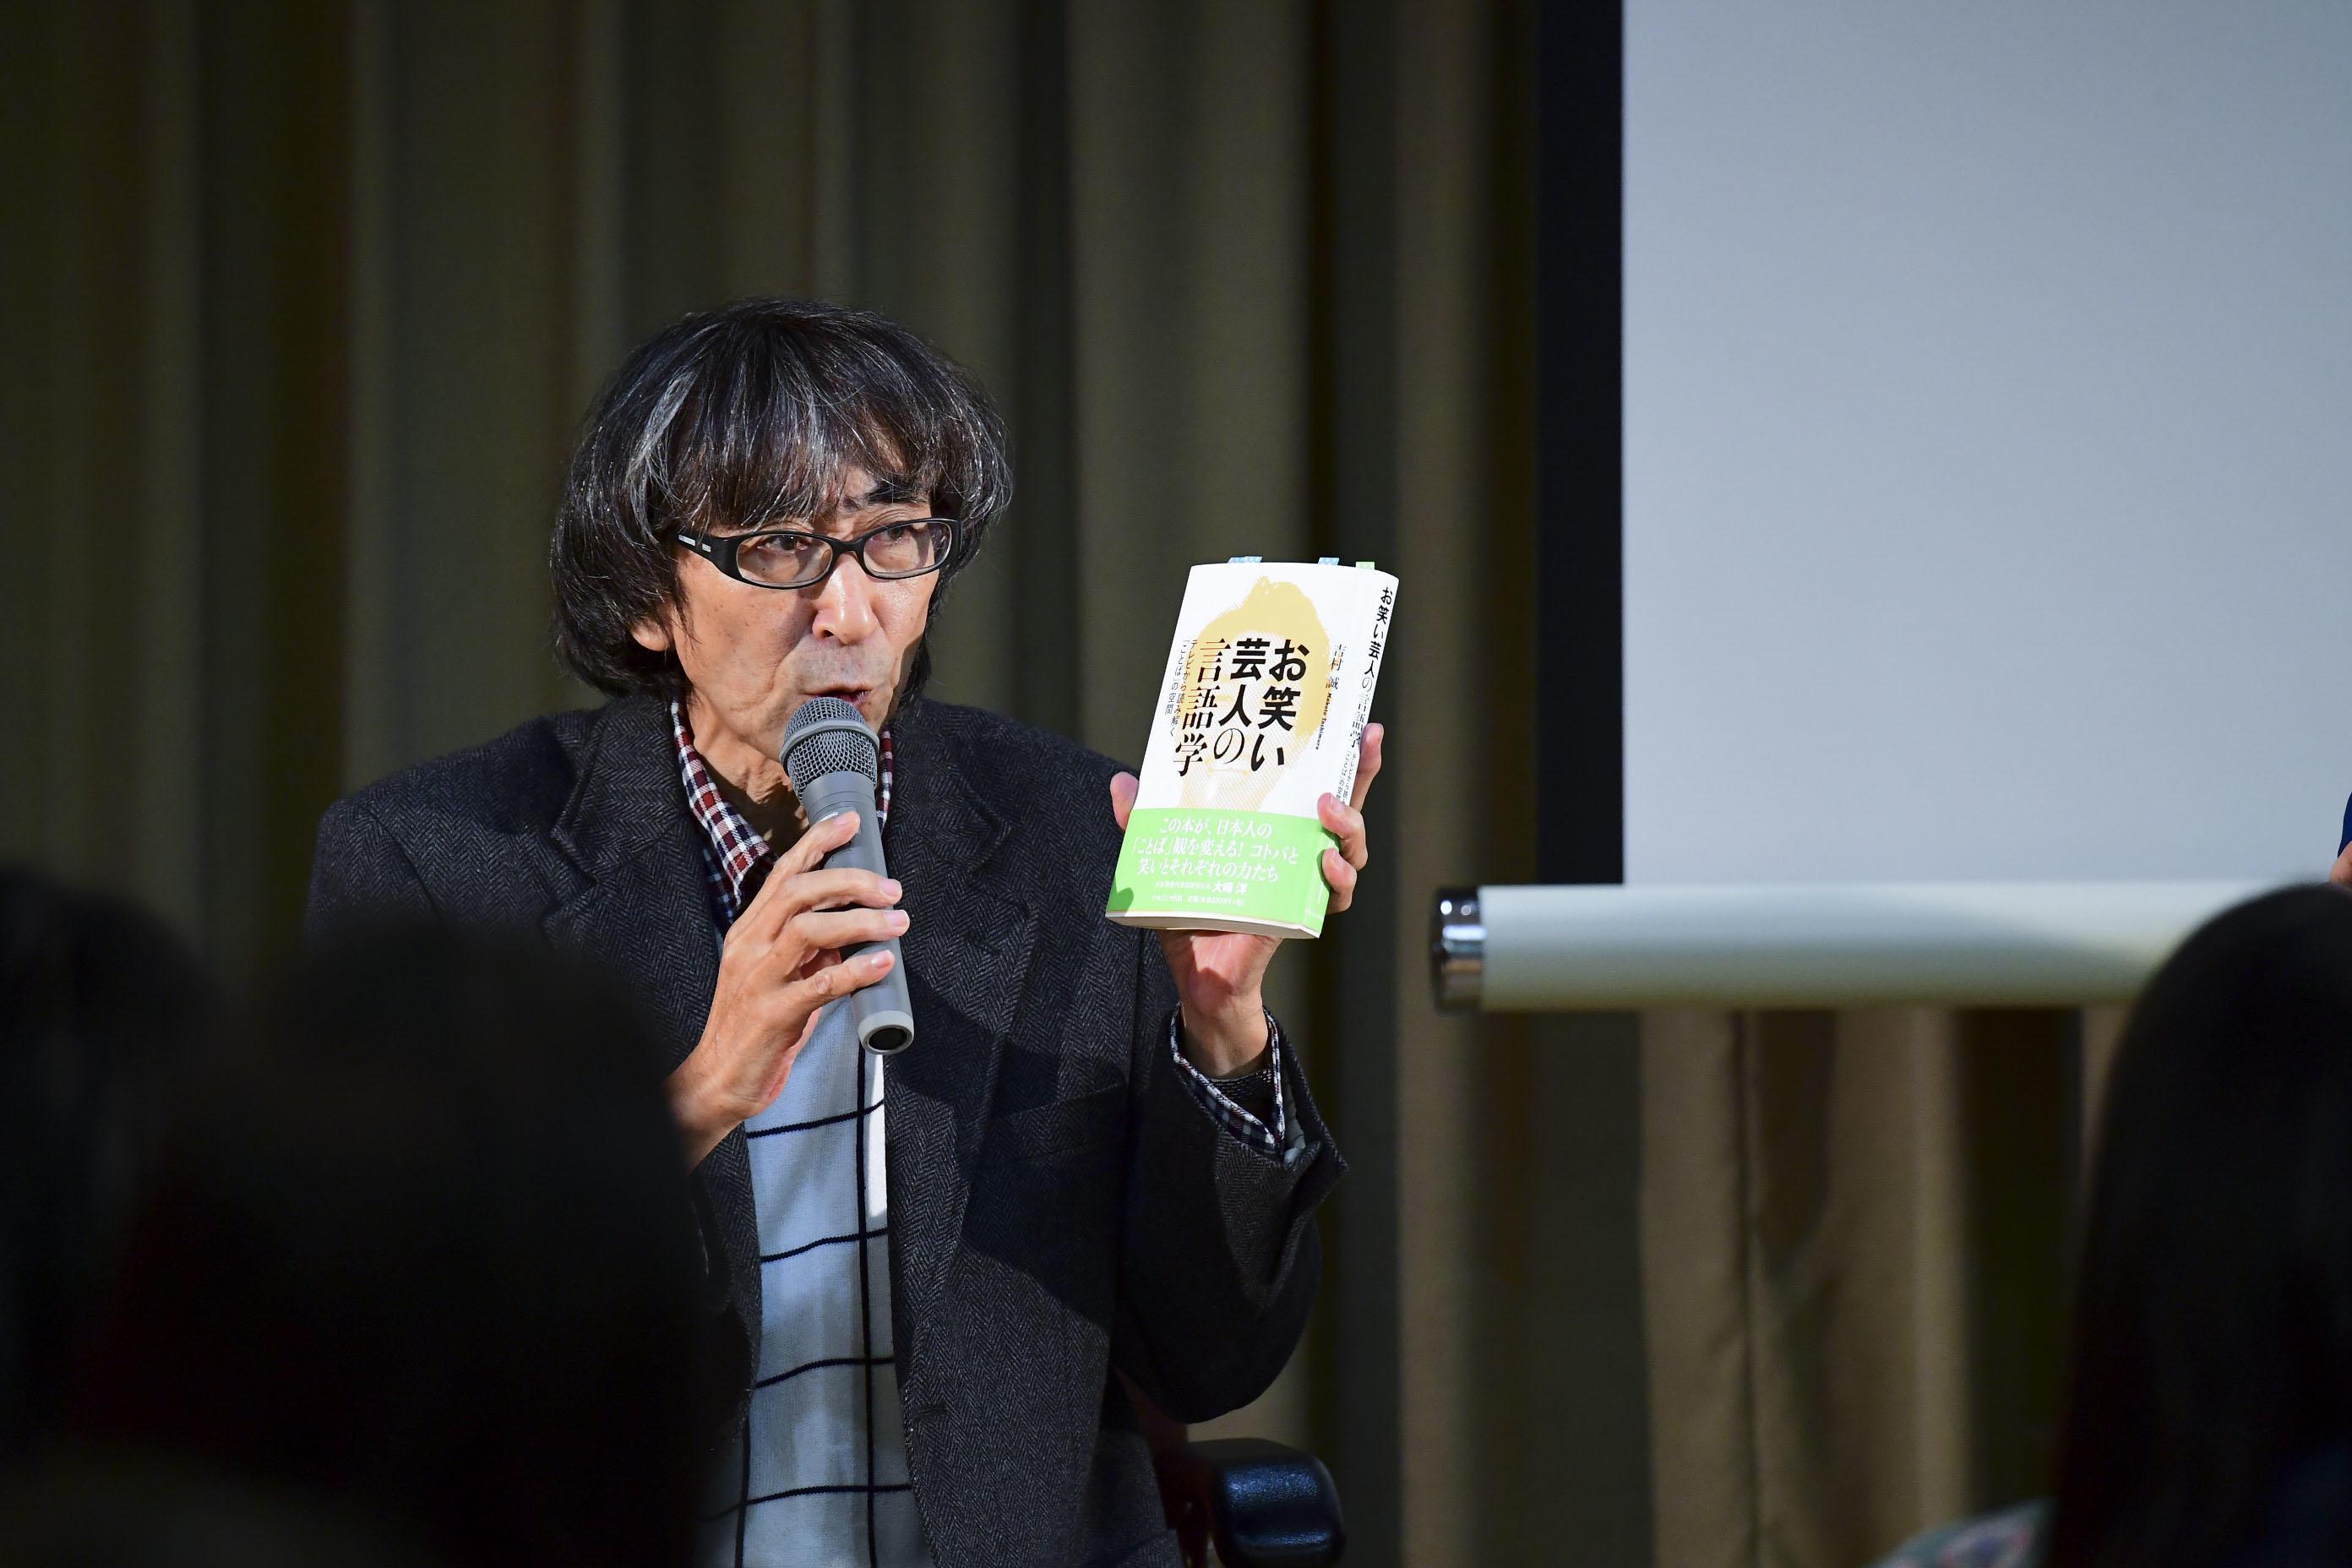 http://news.yoshimoto.co.jp/20171009102316-f385e1b703baa519a269fc546b6795f8e24d4948.jpg